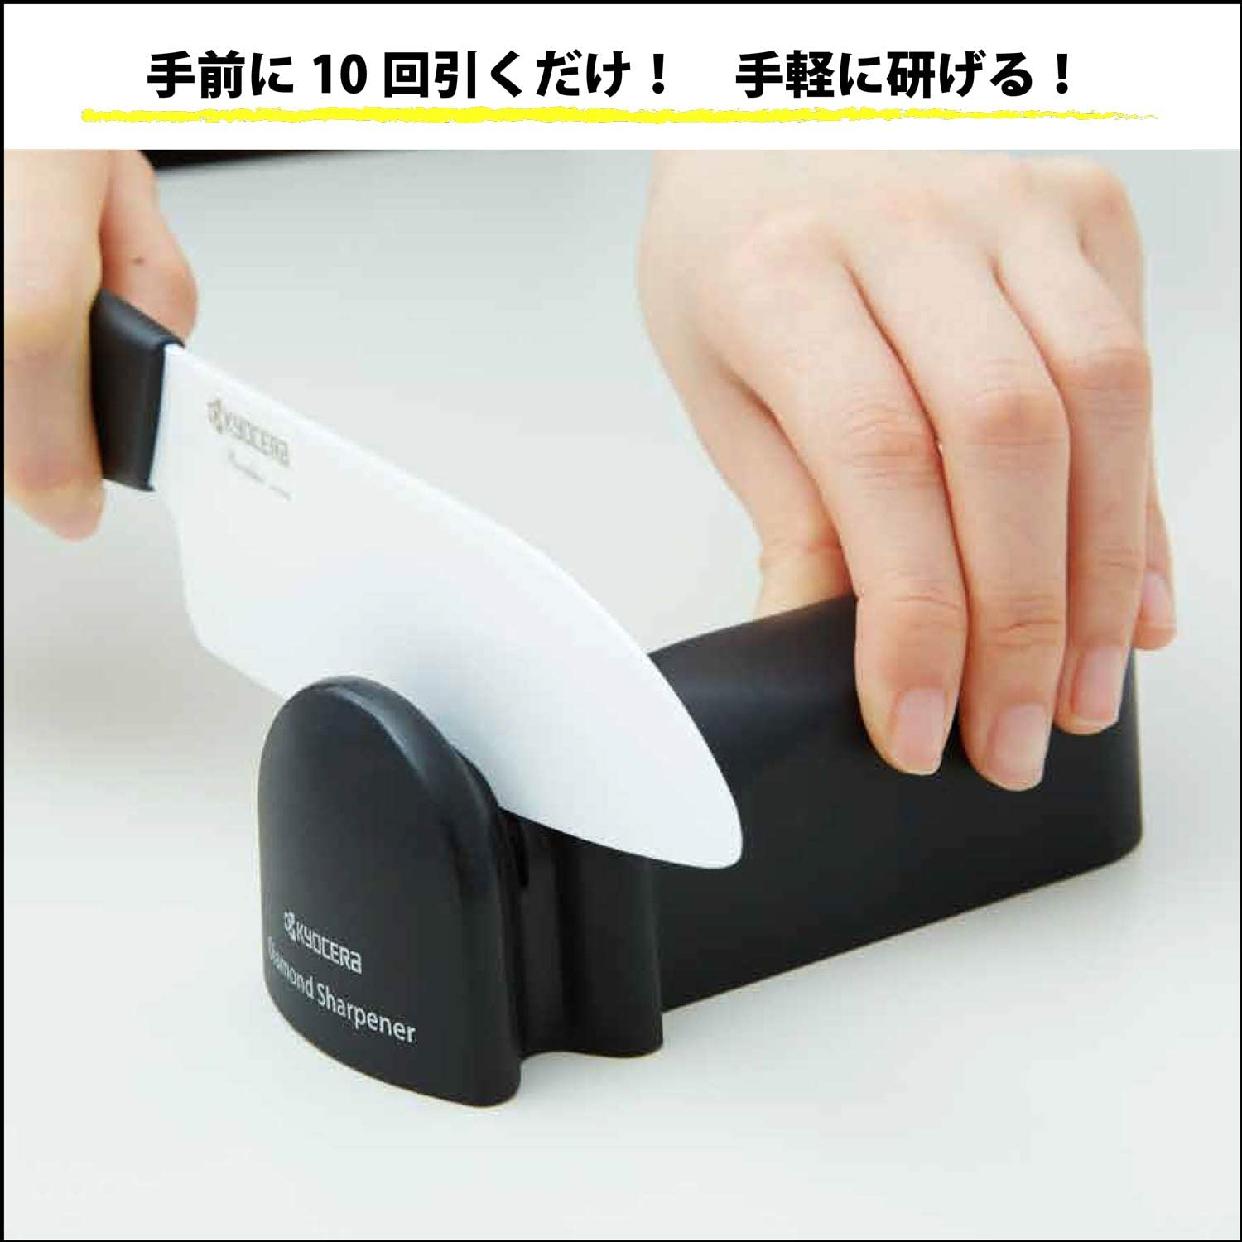 京セラ(キョウセラ)ダイヤモンドロールシャープナー DS20Sの商品画像2